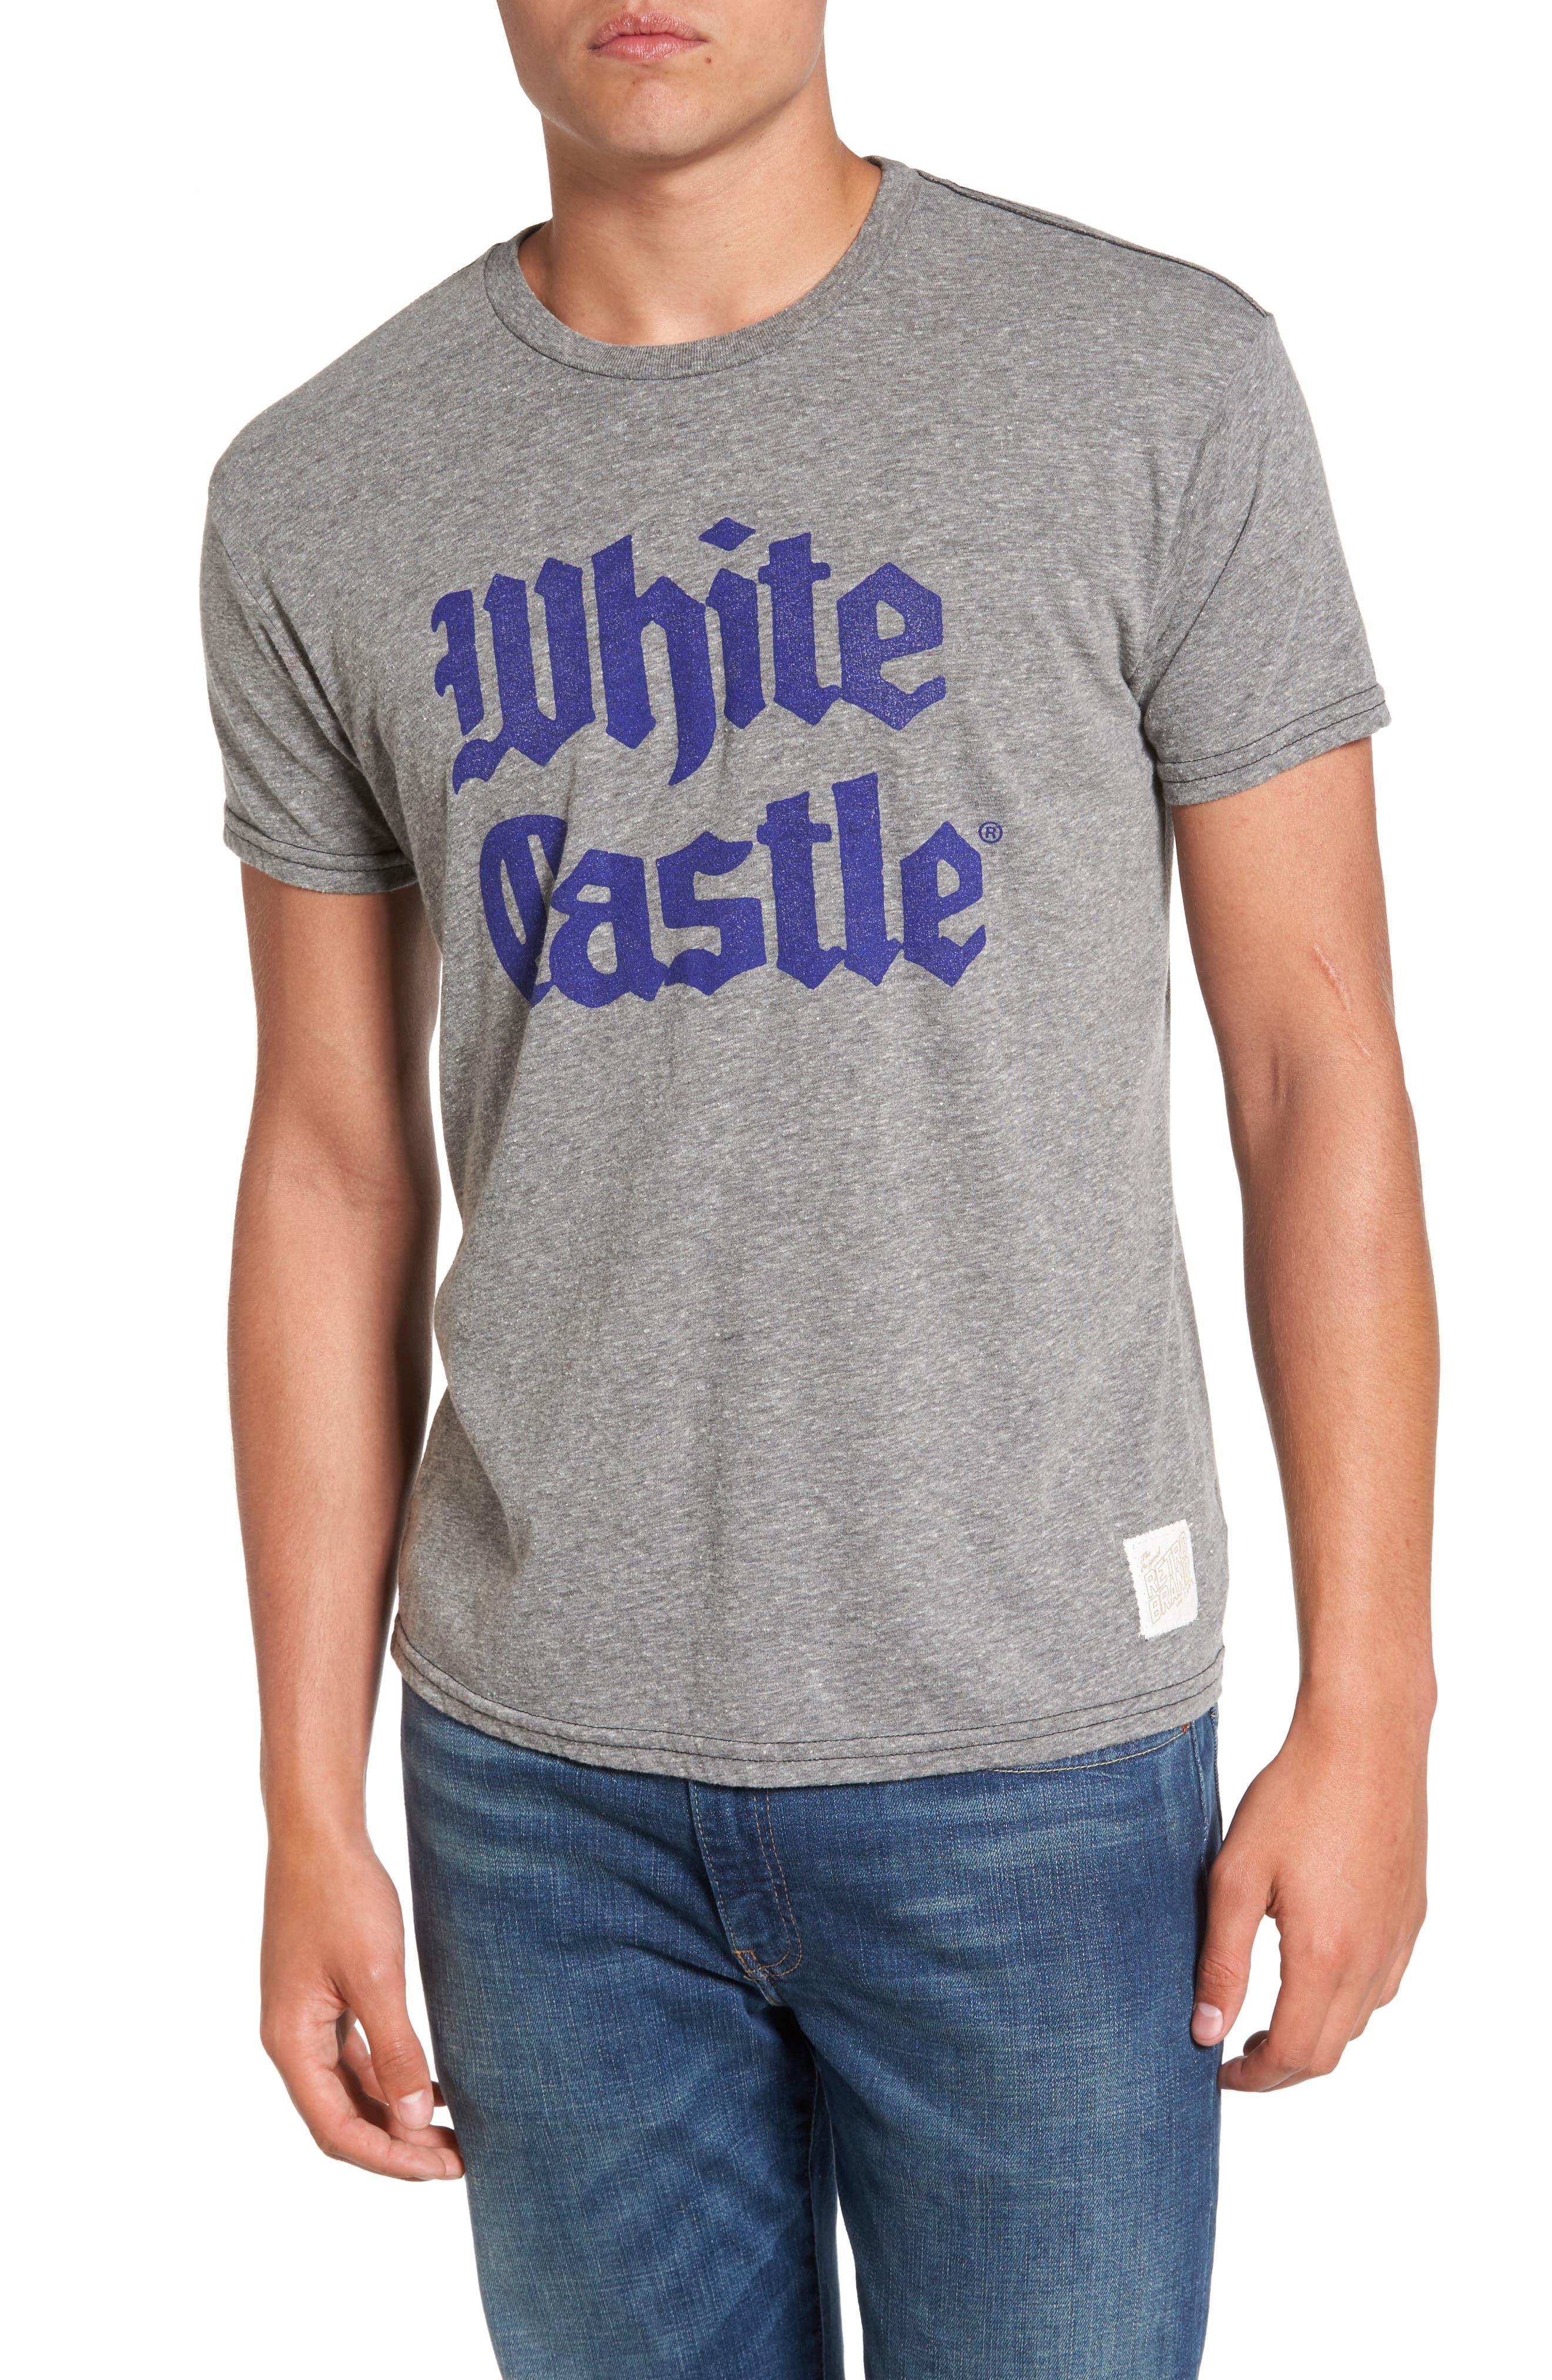 Retro Brand White Castle Graphic T-Shirt